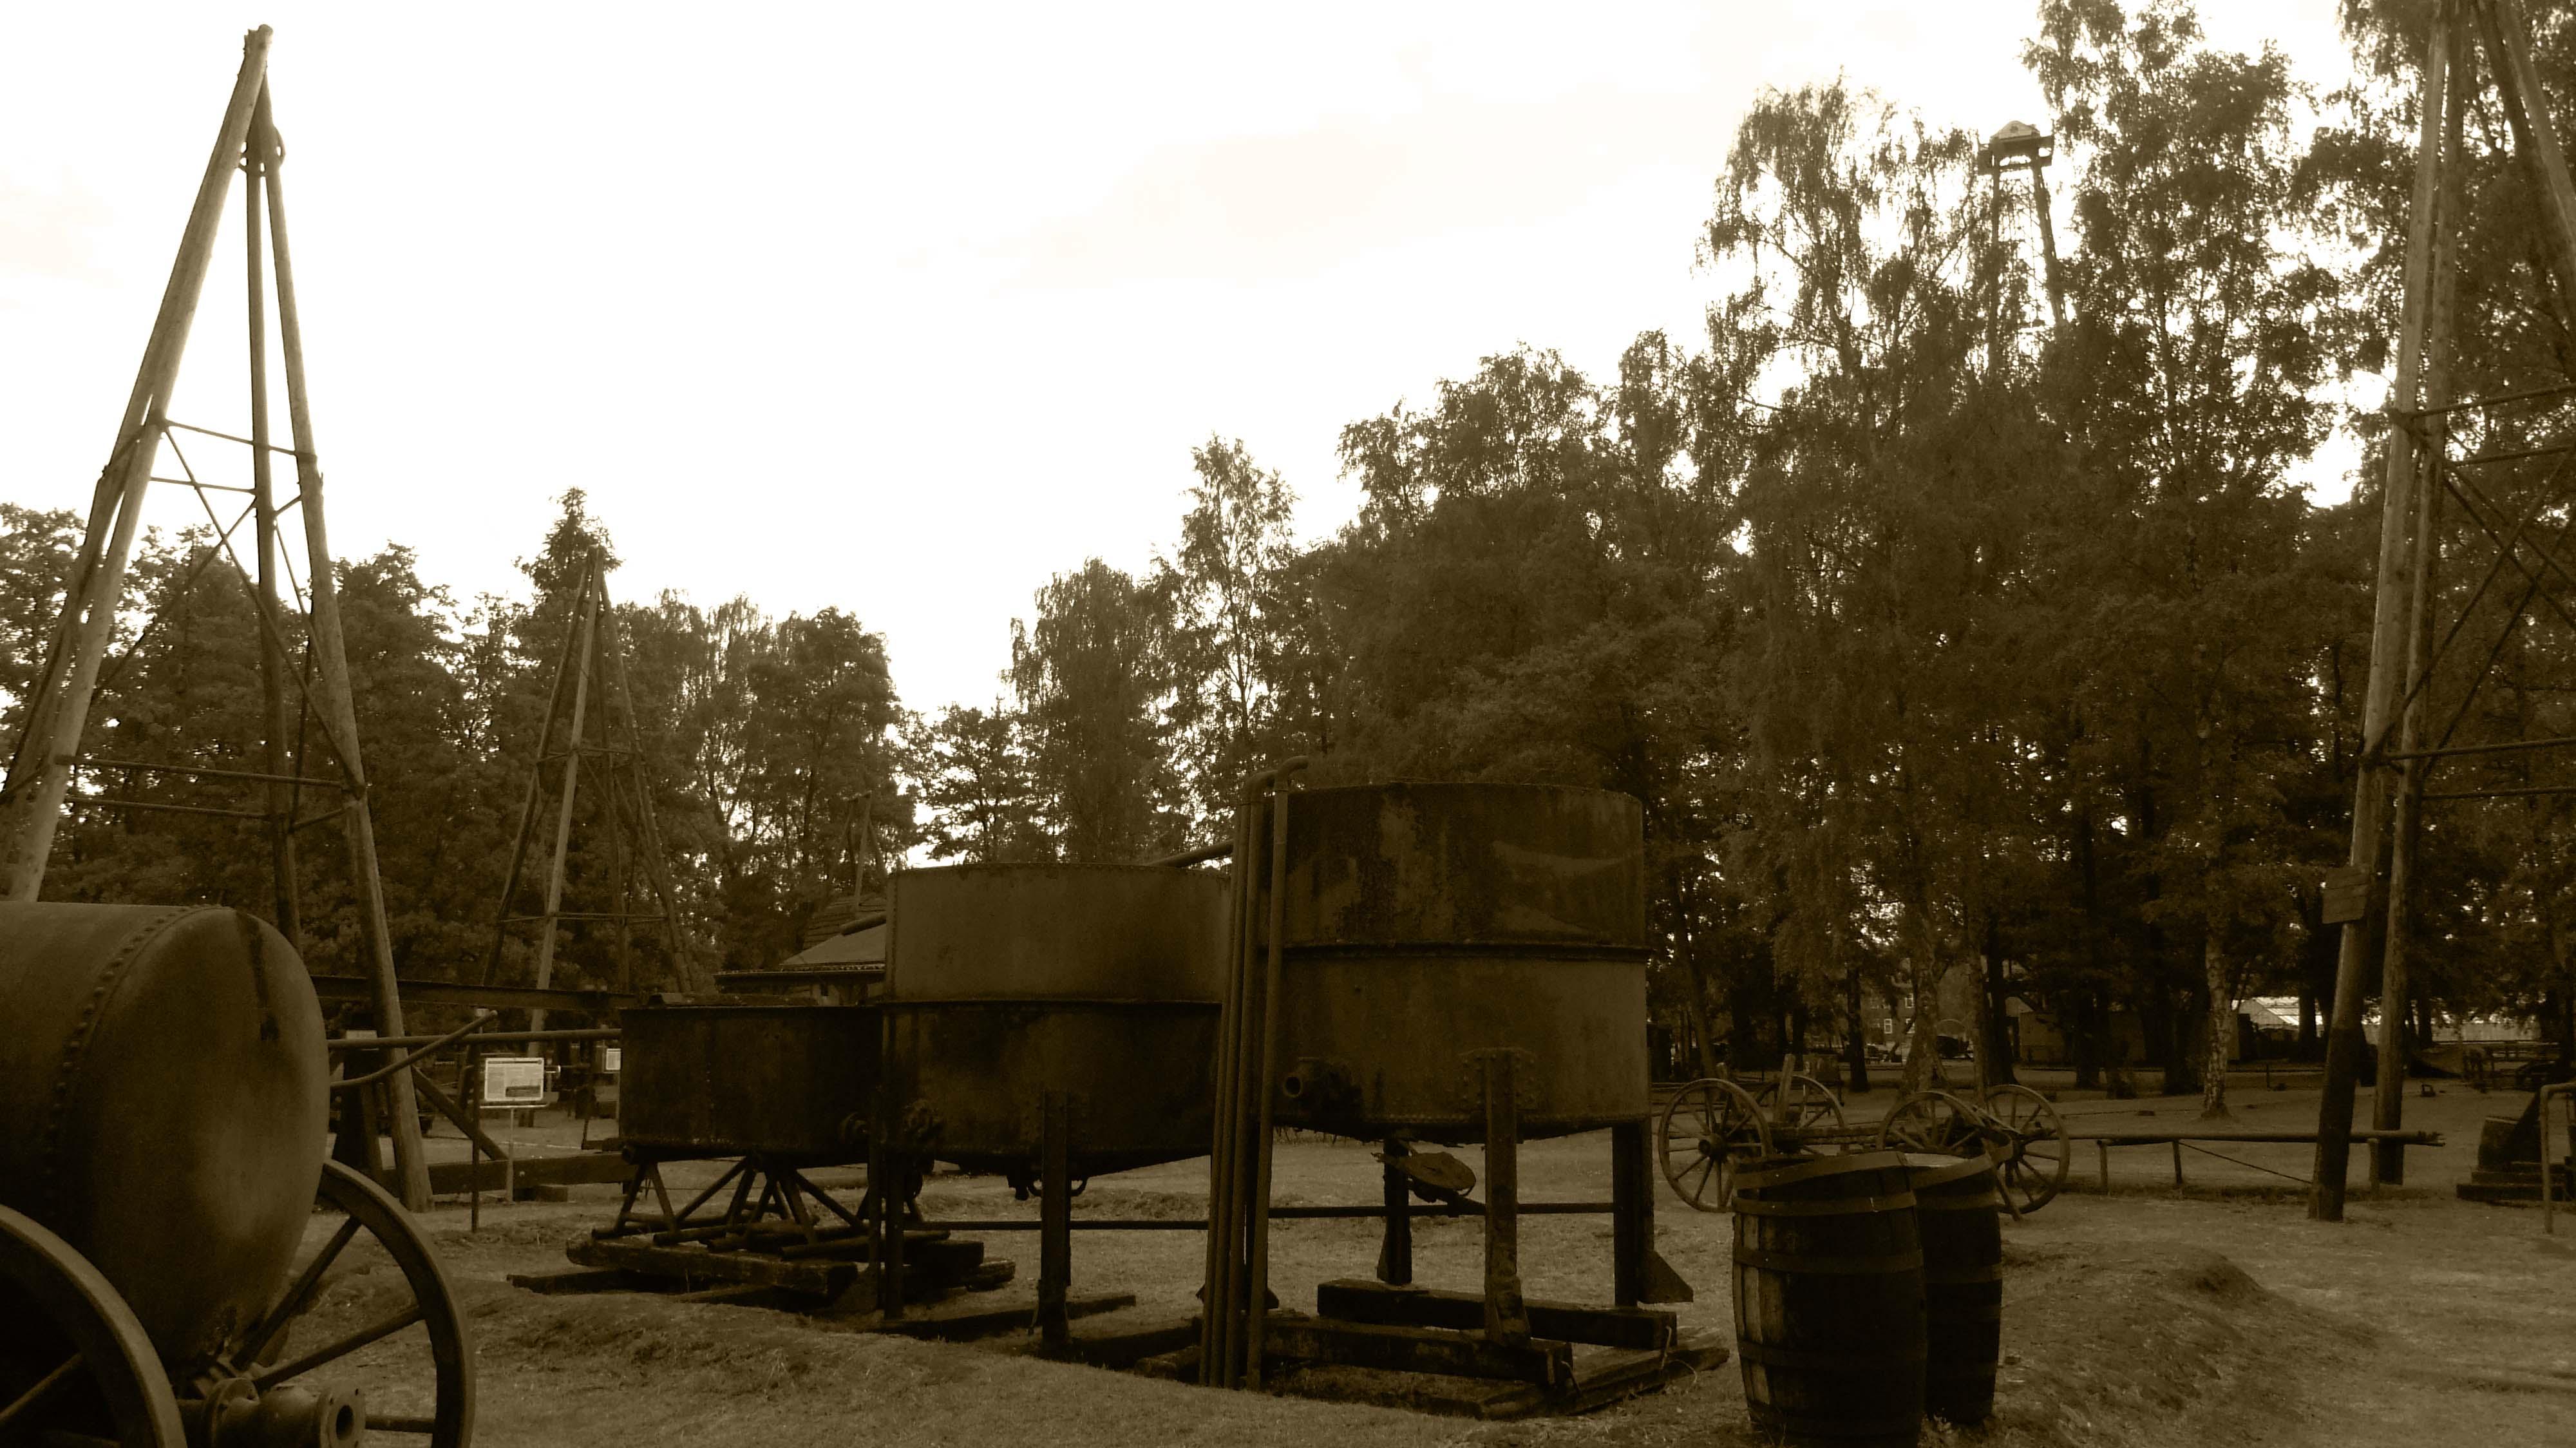 Historische Förder-und Aufbereitungsanlagen am Originalplatz im Freigelände des Erdölmuseums Wietze